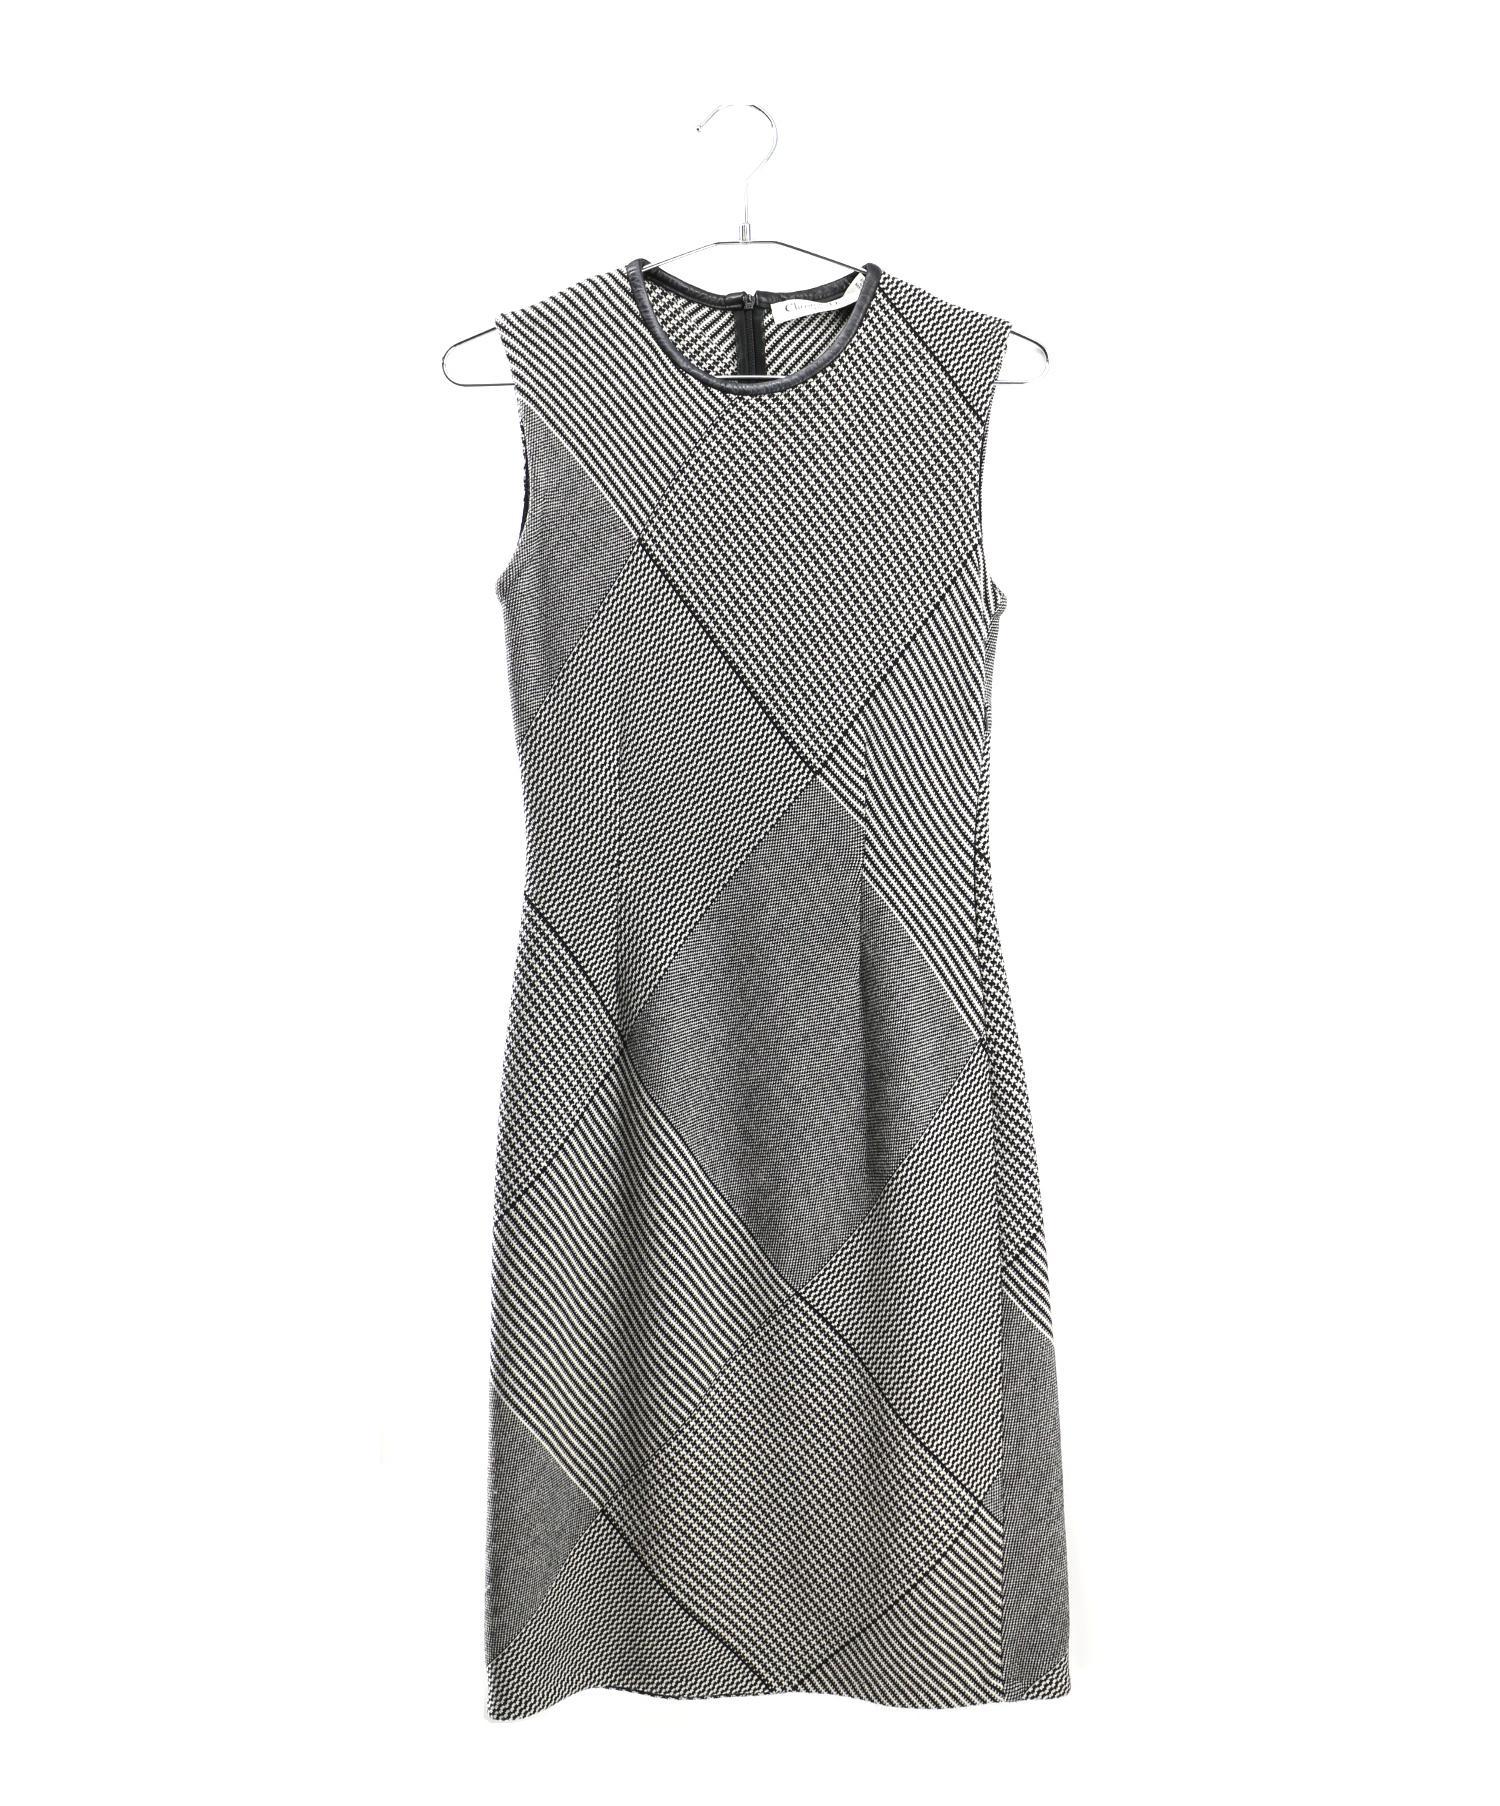 buy popular 27b8f c5ef8 [中古]Christian Dior(クリスチャン ディオール)のレディース ワンピース ニットワンピース